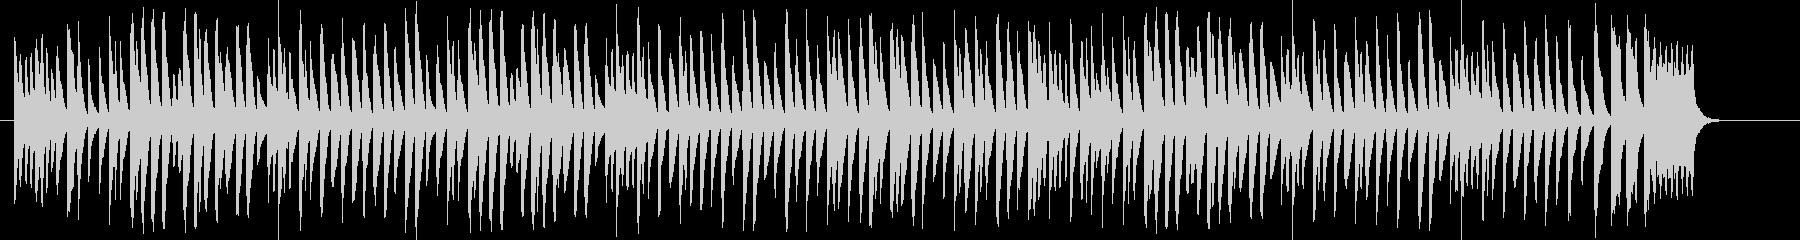 かわいらしく楽しいマリンバ曲の未再生の波形